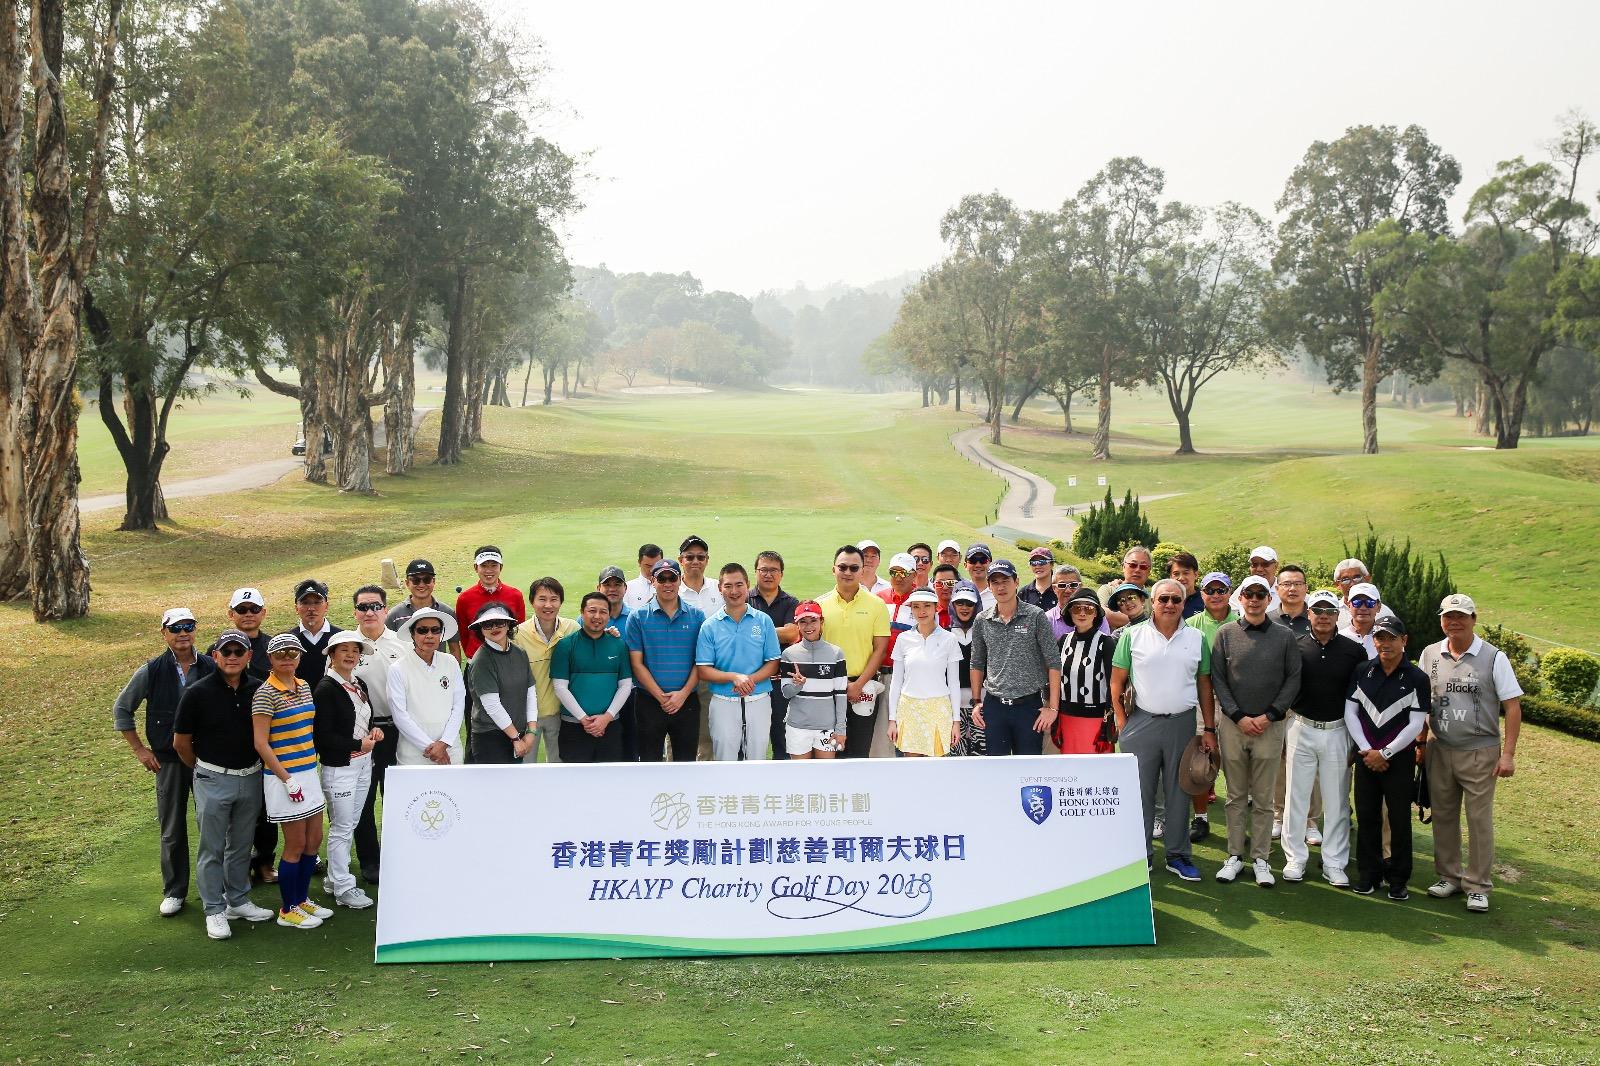 香港青年獎勵計劃慈善哥爾夫球日2018(22/01/2018)